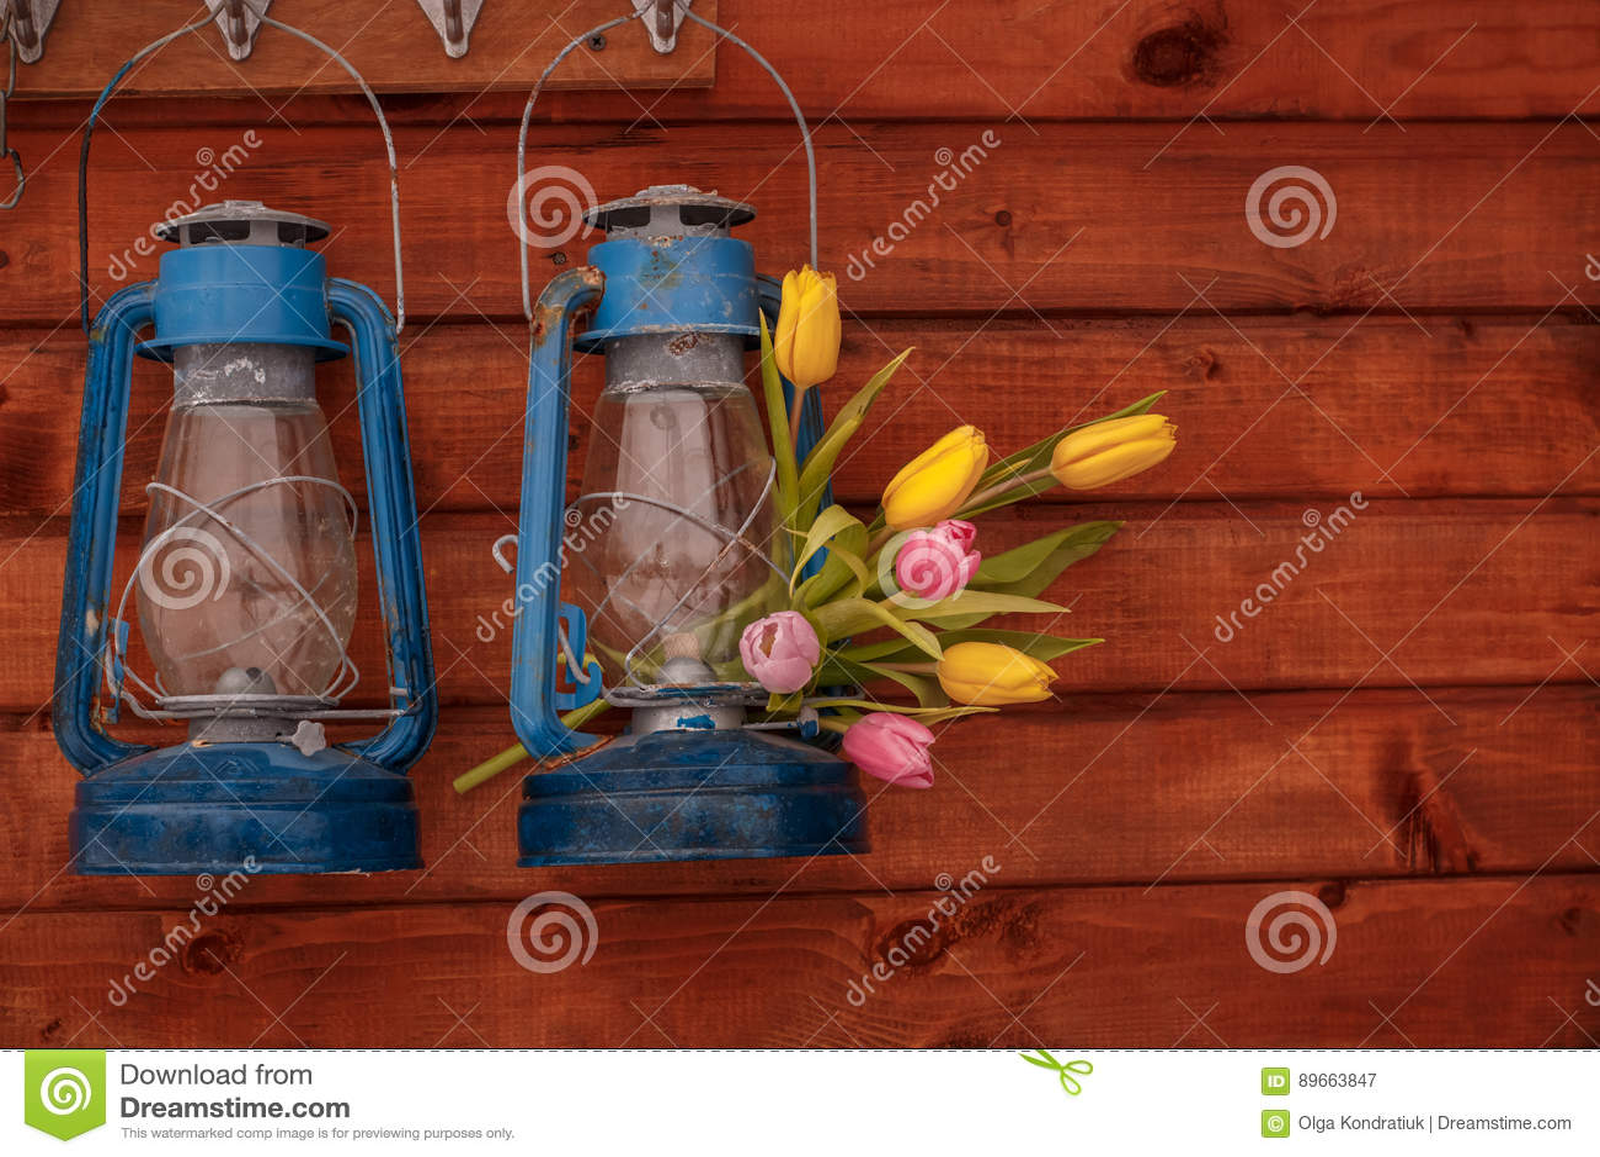 Lampada Fiore Tulipano : Due lampade di cherosene blu con il mazzo dei tulipani su un fondo